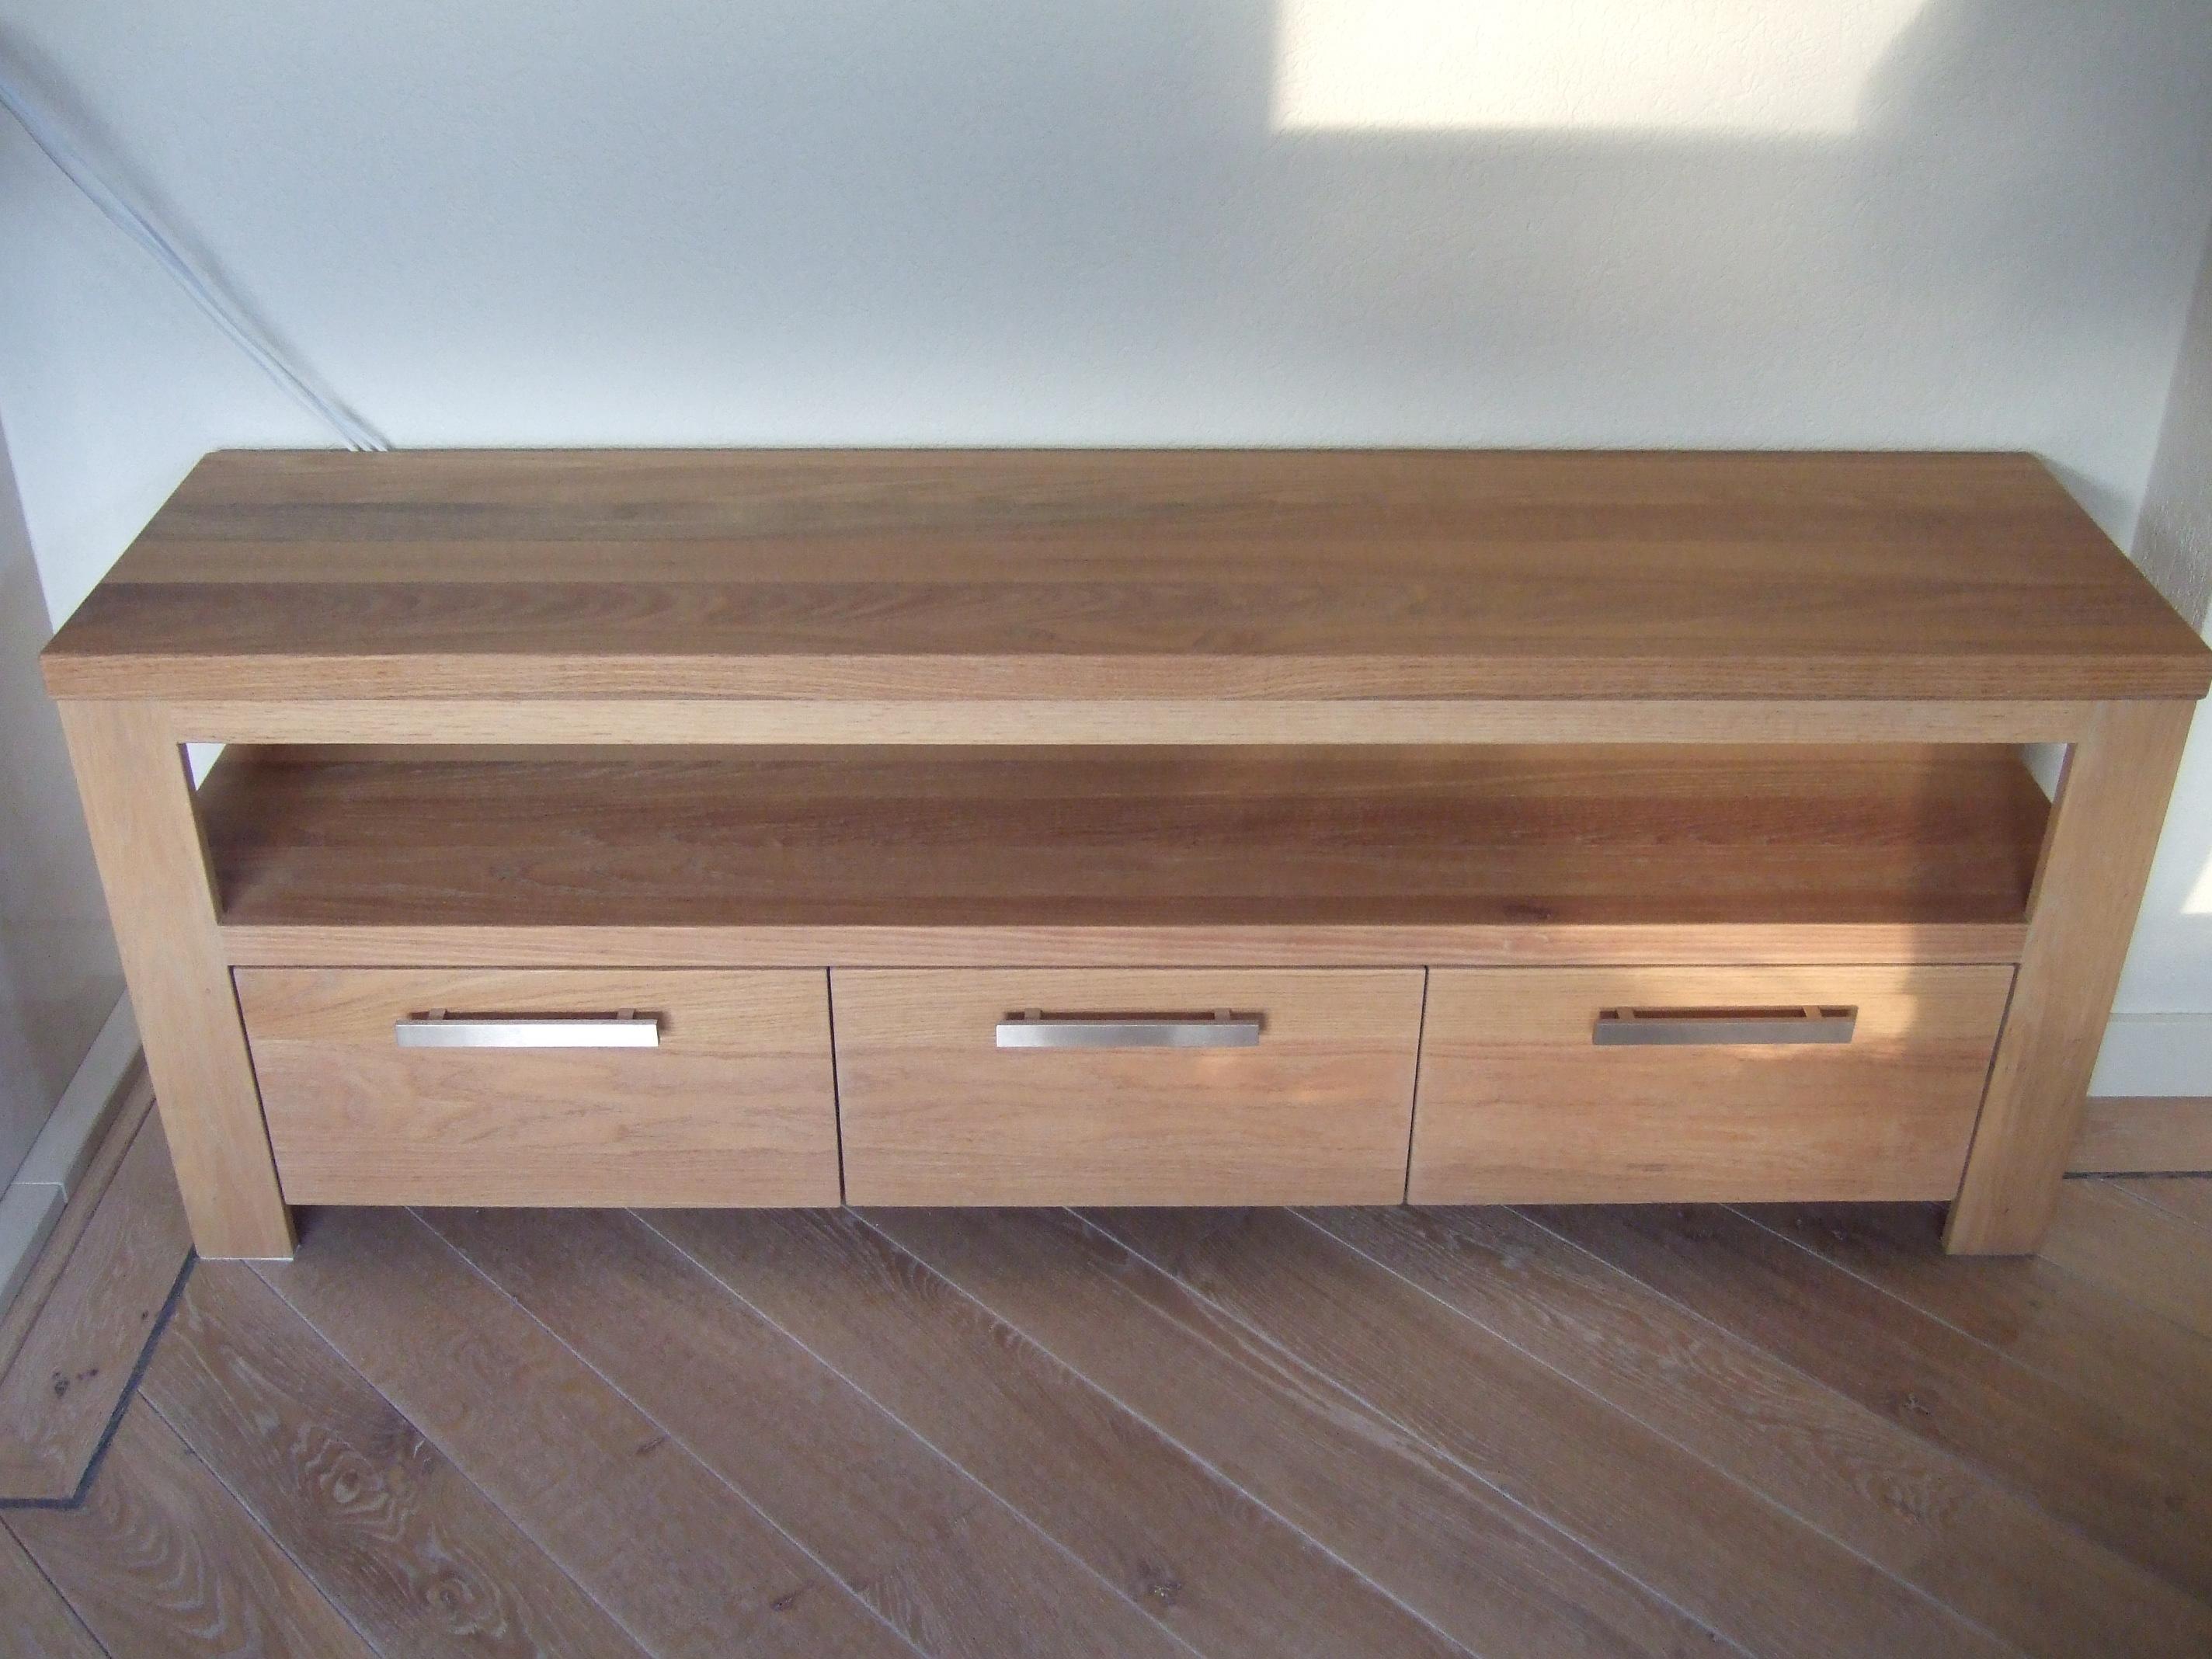 Hergebruik oude meubels · meubelmakerij mark